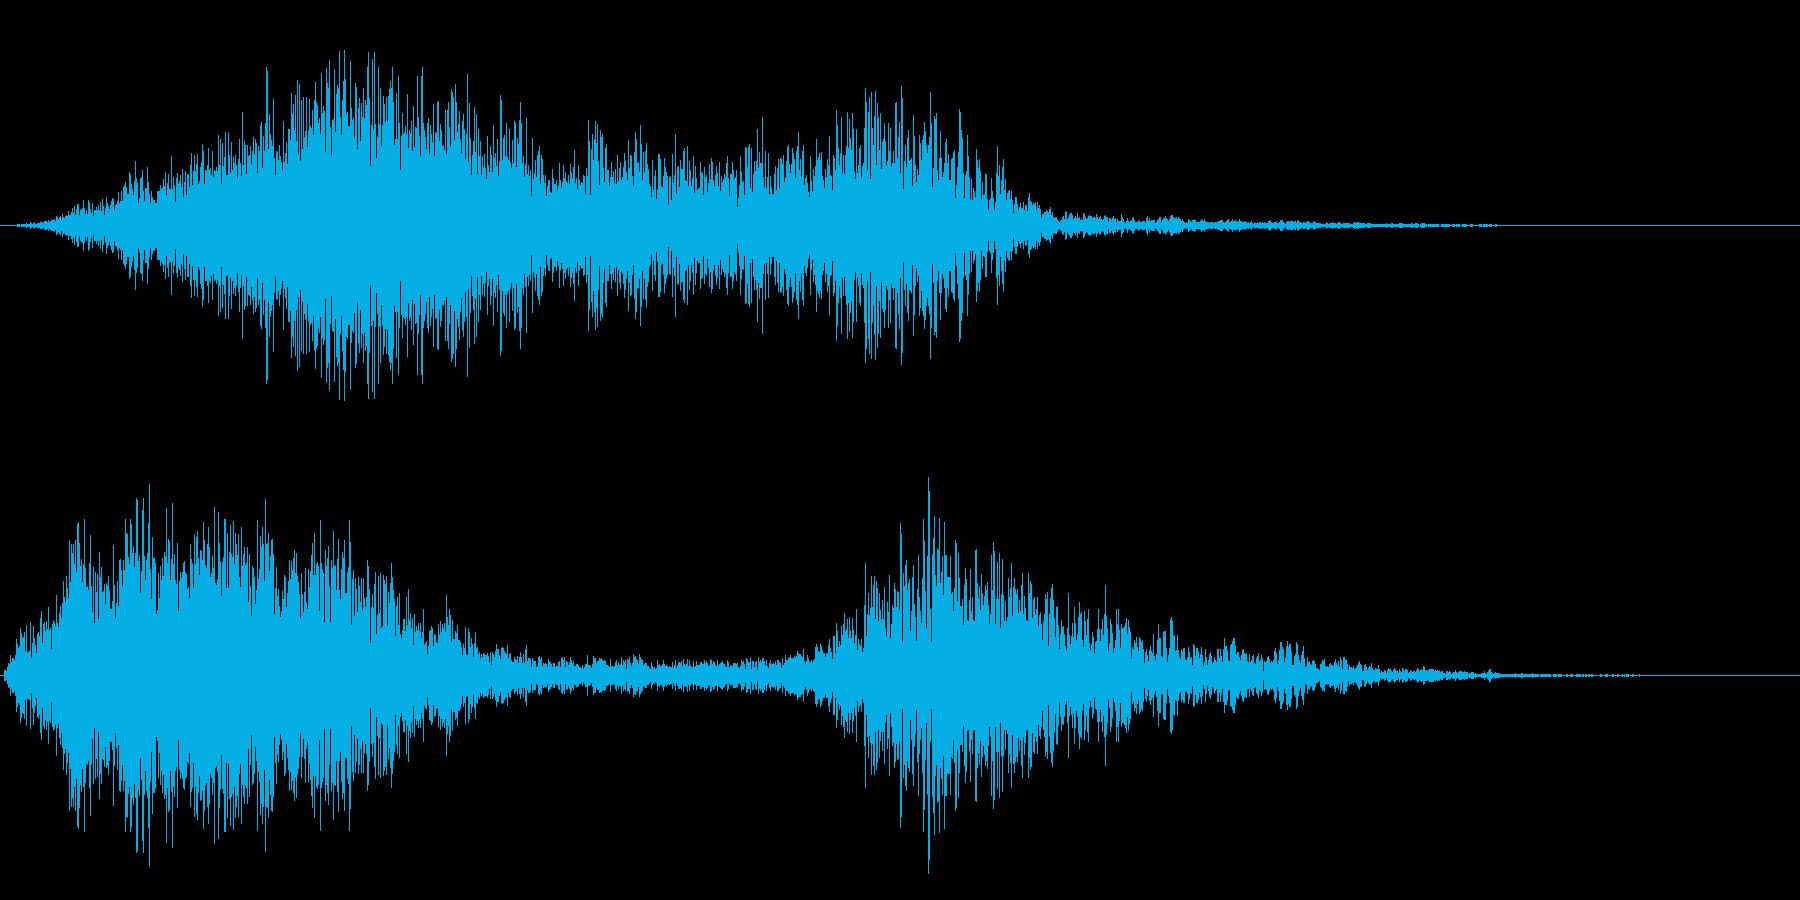 ヒュウウ(風のような音)の再生済みの波形